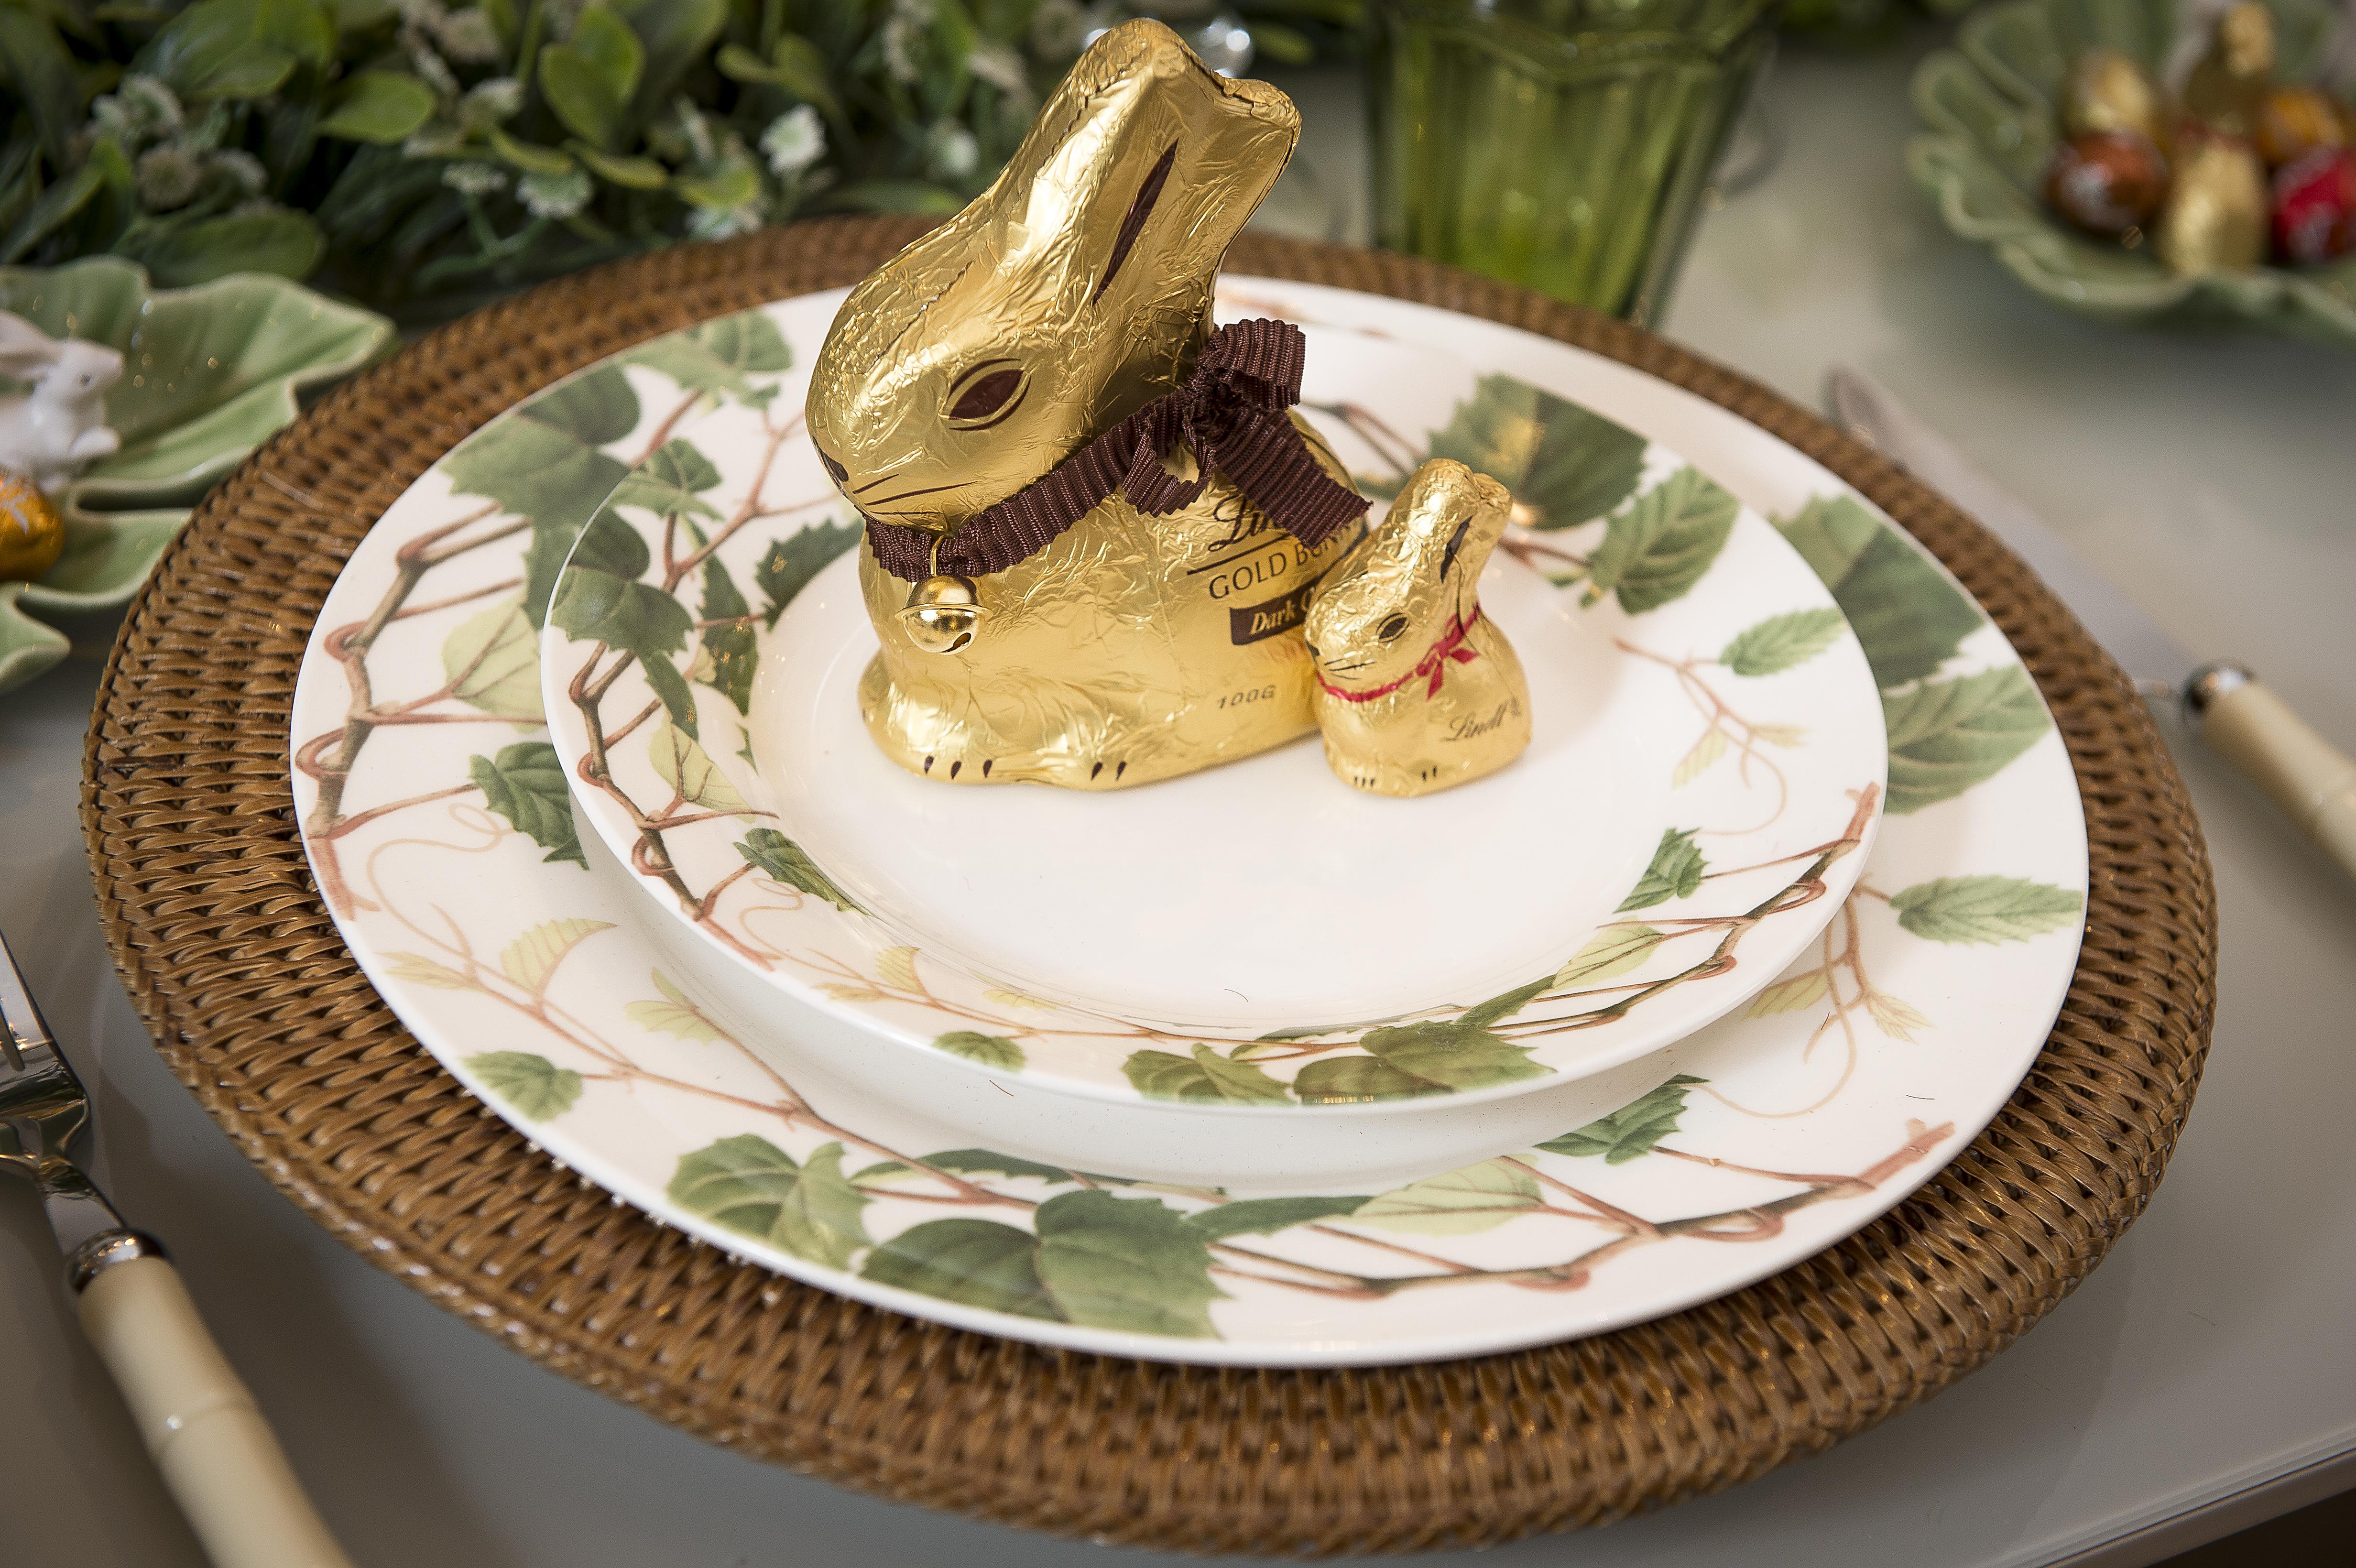 Sobre cada conjunto de pratos English Ivy, cada convidado ganha uma família de Bunnys Lindt, com mãe e filho. A presença do caminho de mesa de grama dispensa o jogo americano, substituindo por um sousplat de rattan.